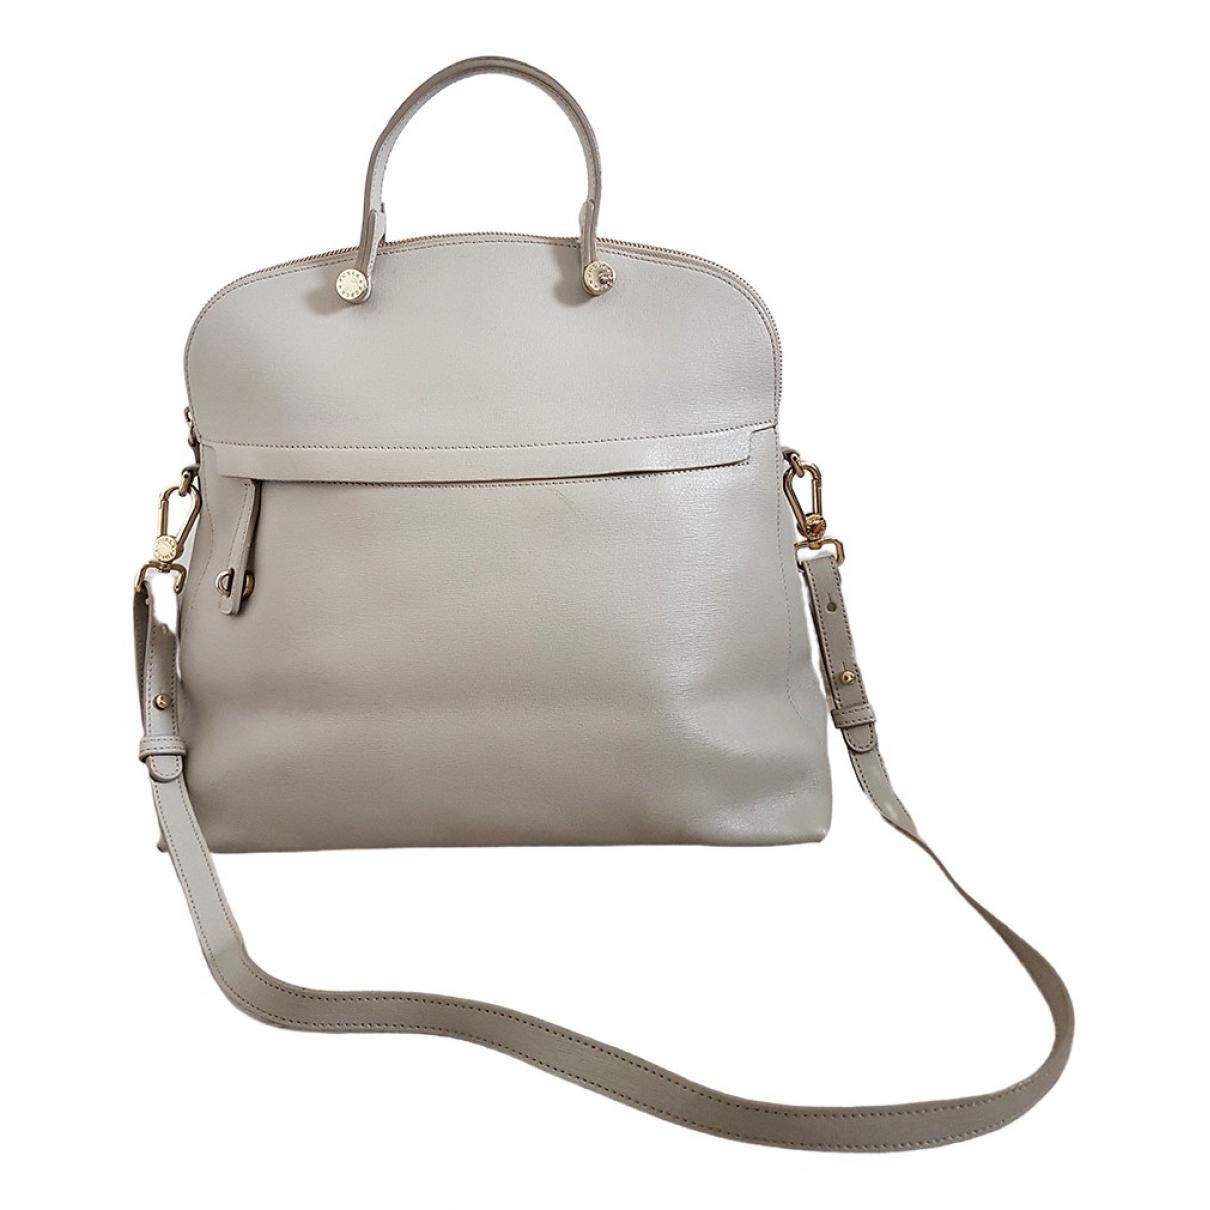 Furla - Sac a main Candy Bag pour femme en cuir - gris